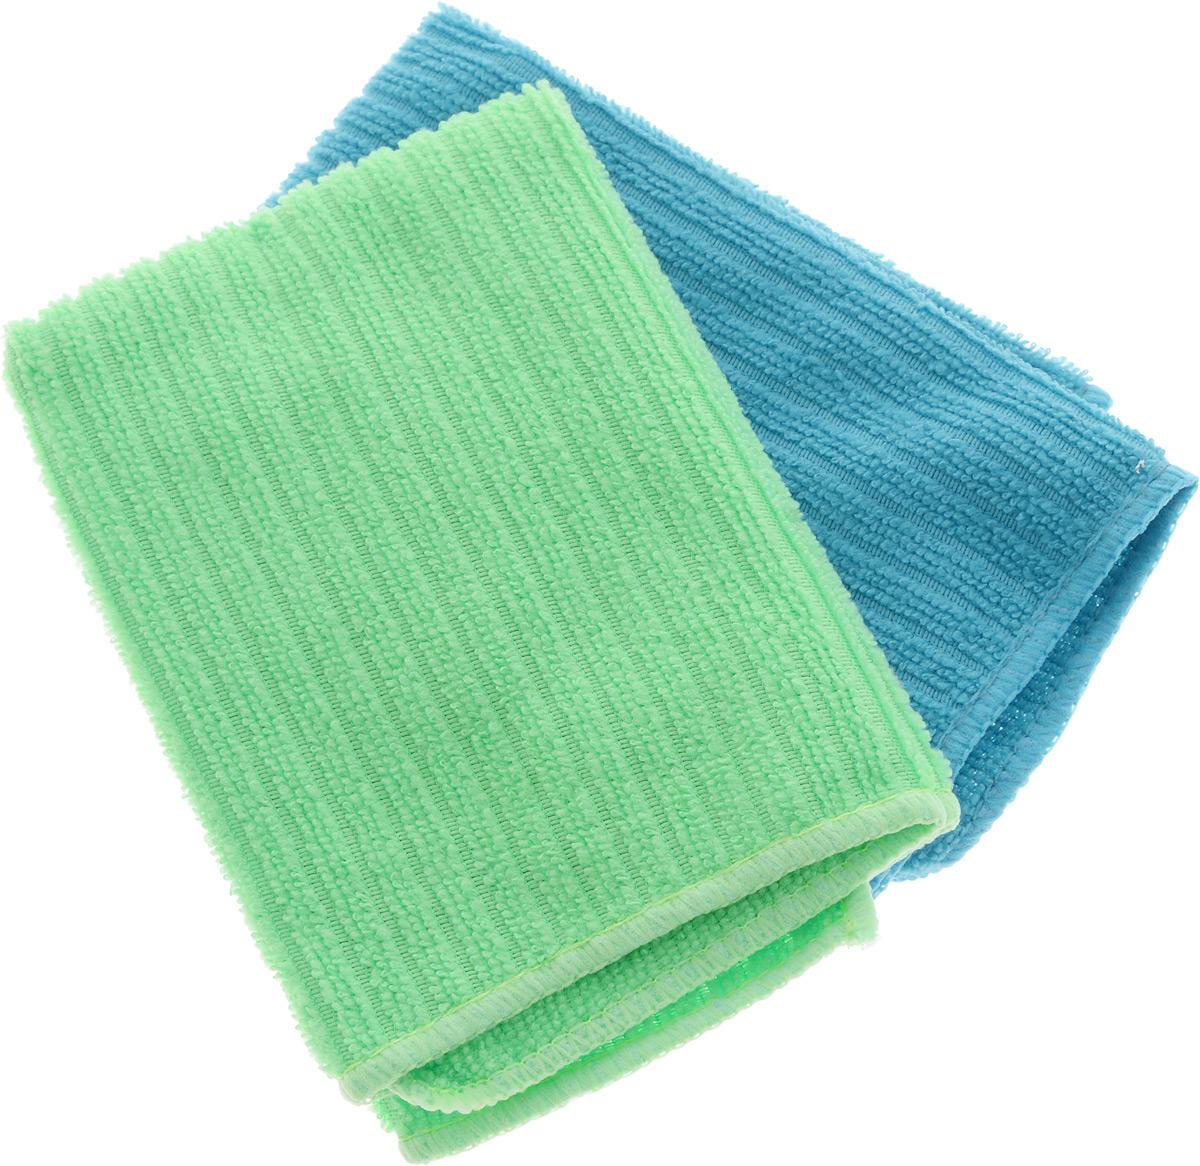 Салфетка из микрофибры Home Queen, цвет: бирюзовый, салатовый, 30 х 30 см, 2 шт57048_бирюзовый, салатовыйСалфетка Home Queen изготовлена из микрофибры (100% полиэстер). Это великолепная гипоаллергенная ткань, изготовленная из тончайших полимерных микроволокон. Салфетка из микрофибры может поглощать количество пыли и влаги, в 7 раз превышающее ее собственный вес. Многочисленные поры между микроволокнами, благодаря капиллярному эффекту, мгновенно впитывают воду, подобно губке. Благодаря мелким порам микроволокна, любые капельки, остающиеся на чистящей поверхности, очень быстро испаряются, и остается чистая дорожка без полос и разводов. В сухом виде при вытирании поверхности волокна микрофибры электризуются и притягивают к себе микробов, мельчайшие частицы пыли и грязи, удерживая их в своих микропорах.Размер салфетки: 30 х 30 см.